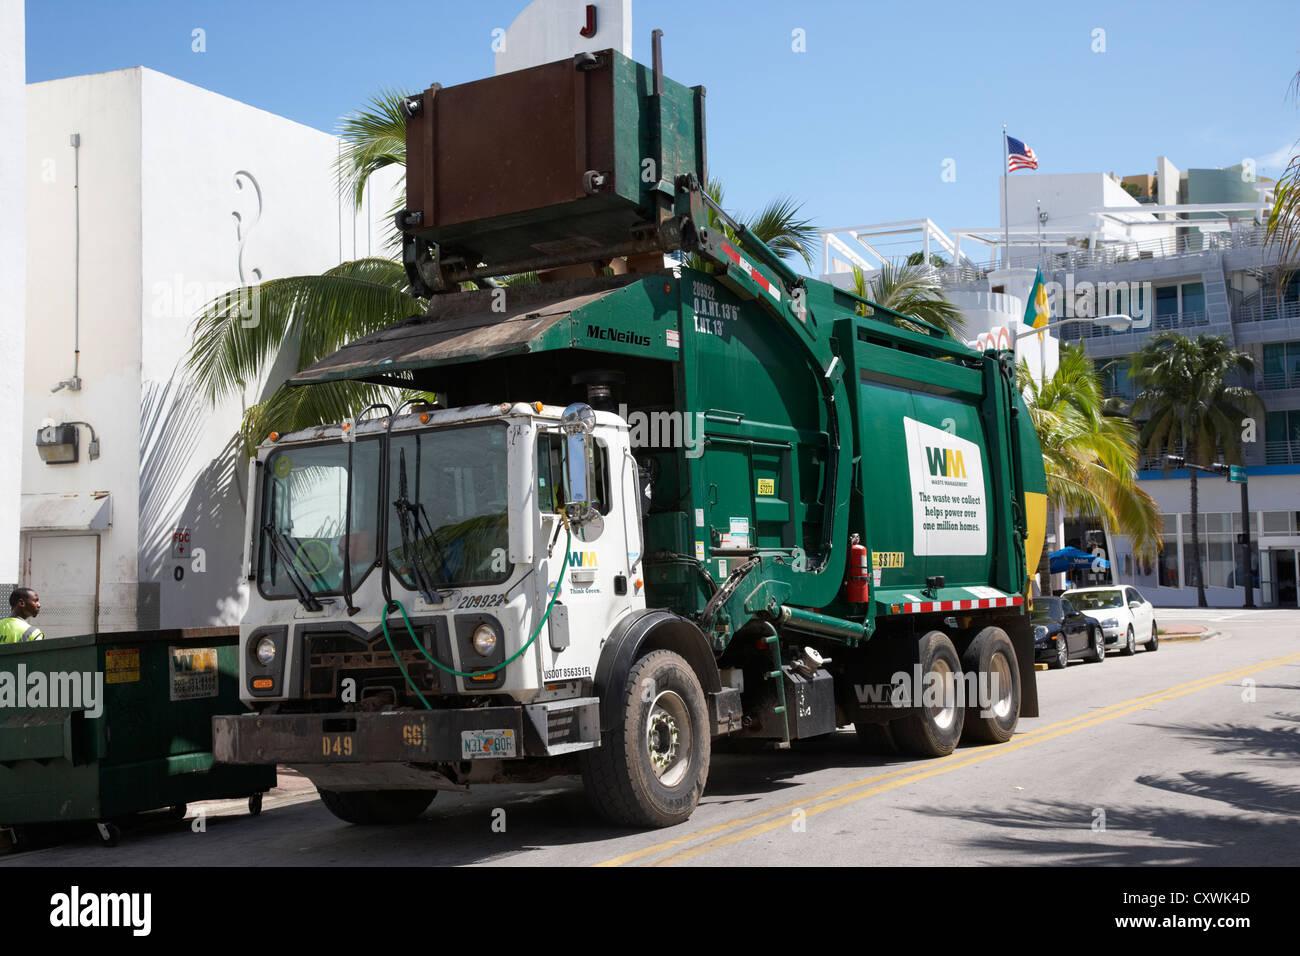 Rechazar la carretilla papeleras recogida en Miami South Beach, Florida, EE.UU. Imagen De Stock